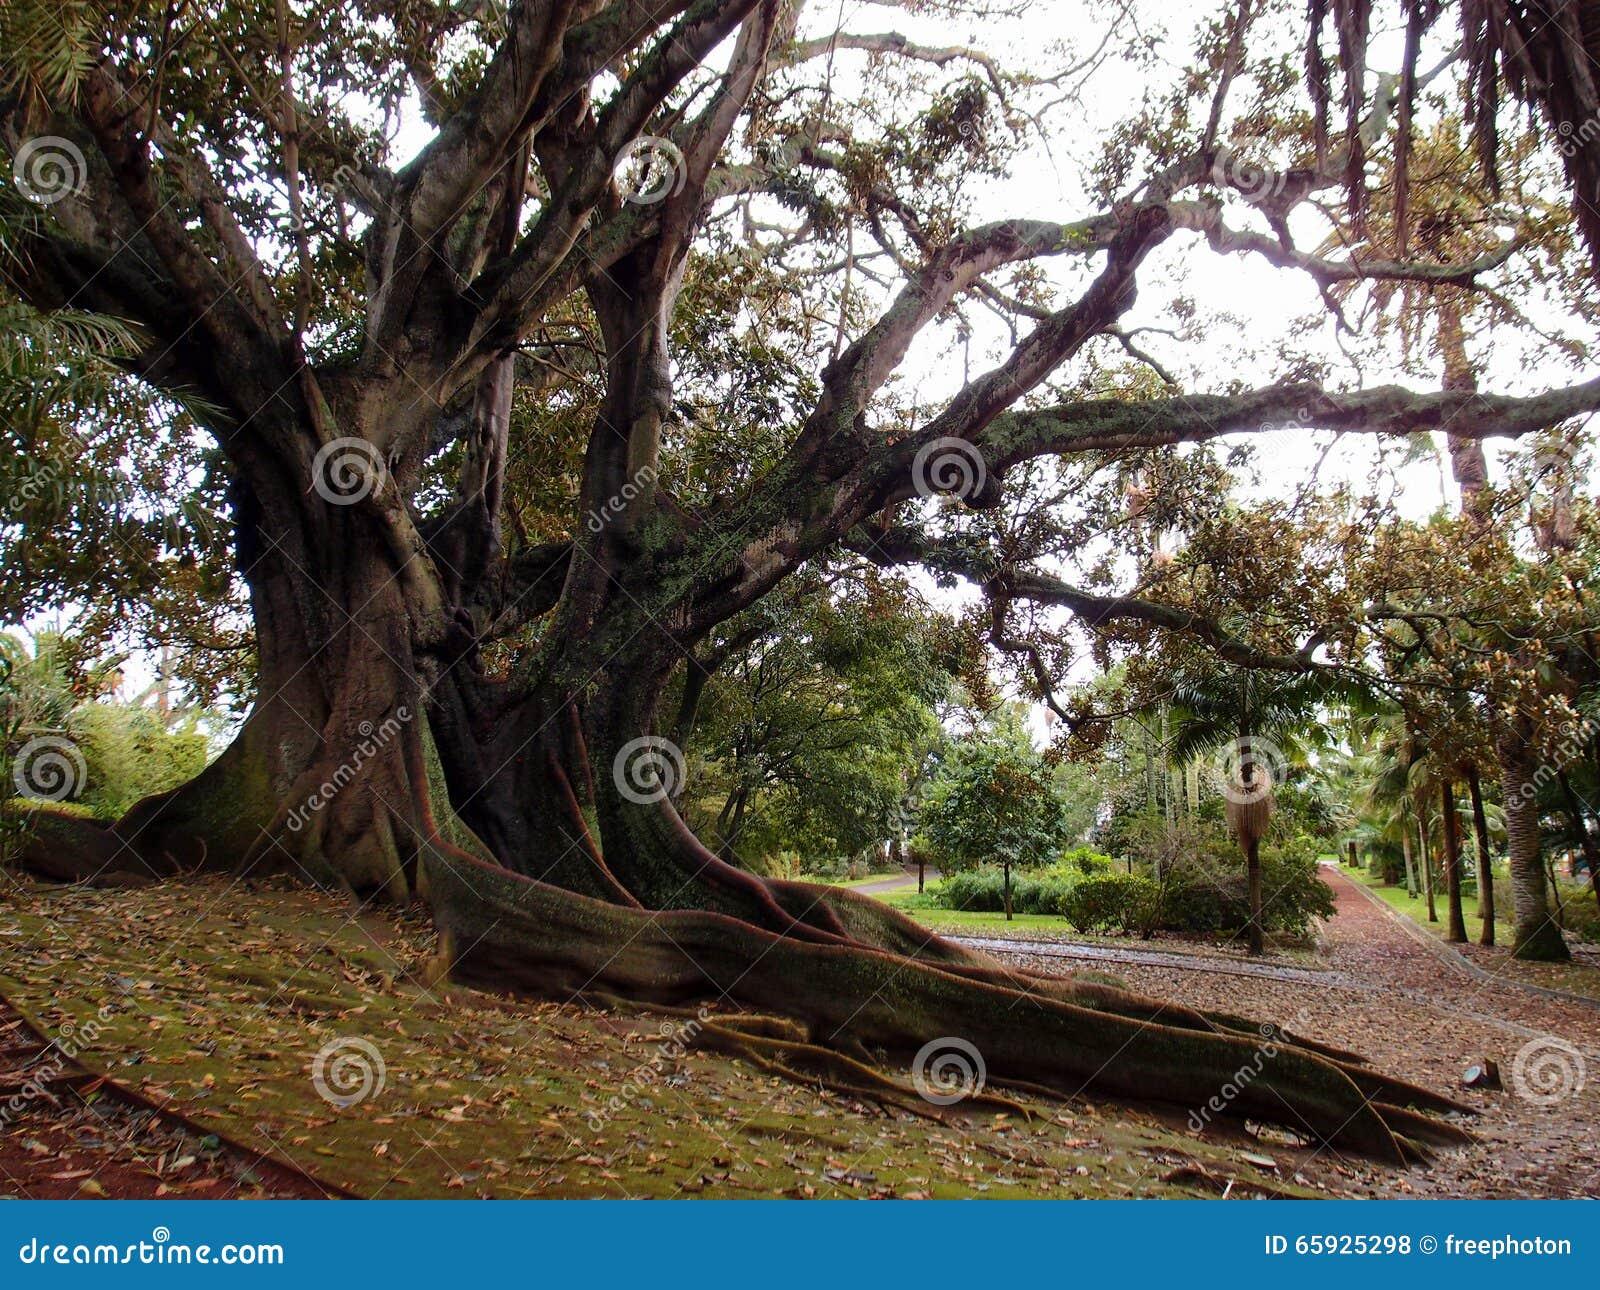 Arbre en caoutchouc (elastica de ficus) - longues racines